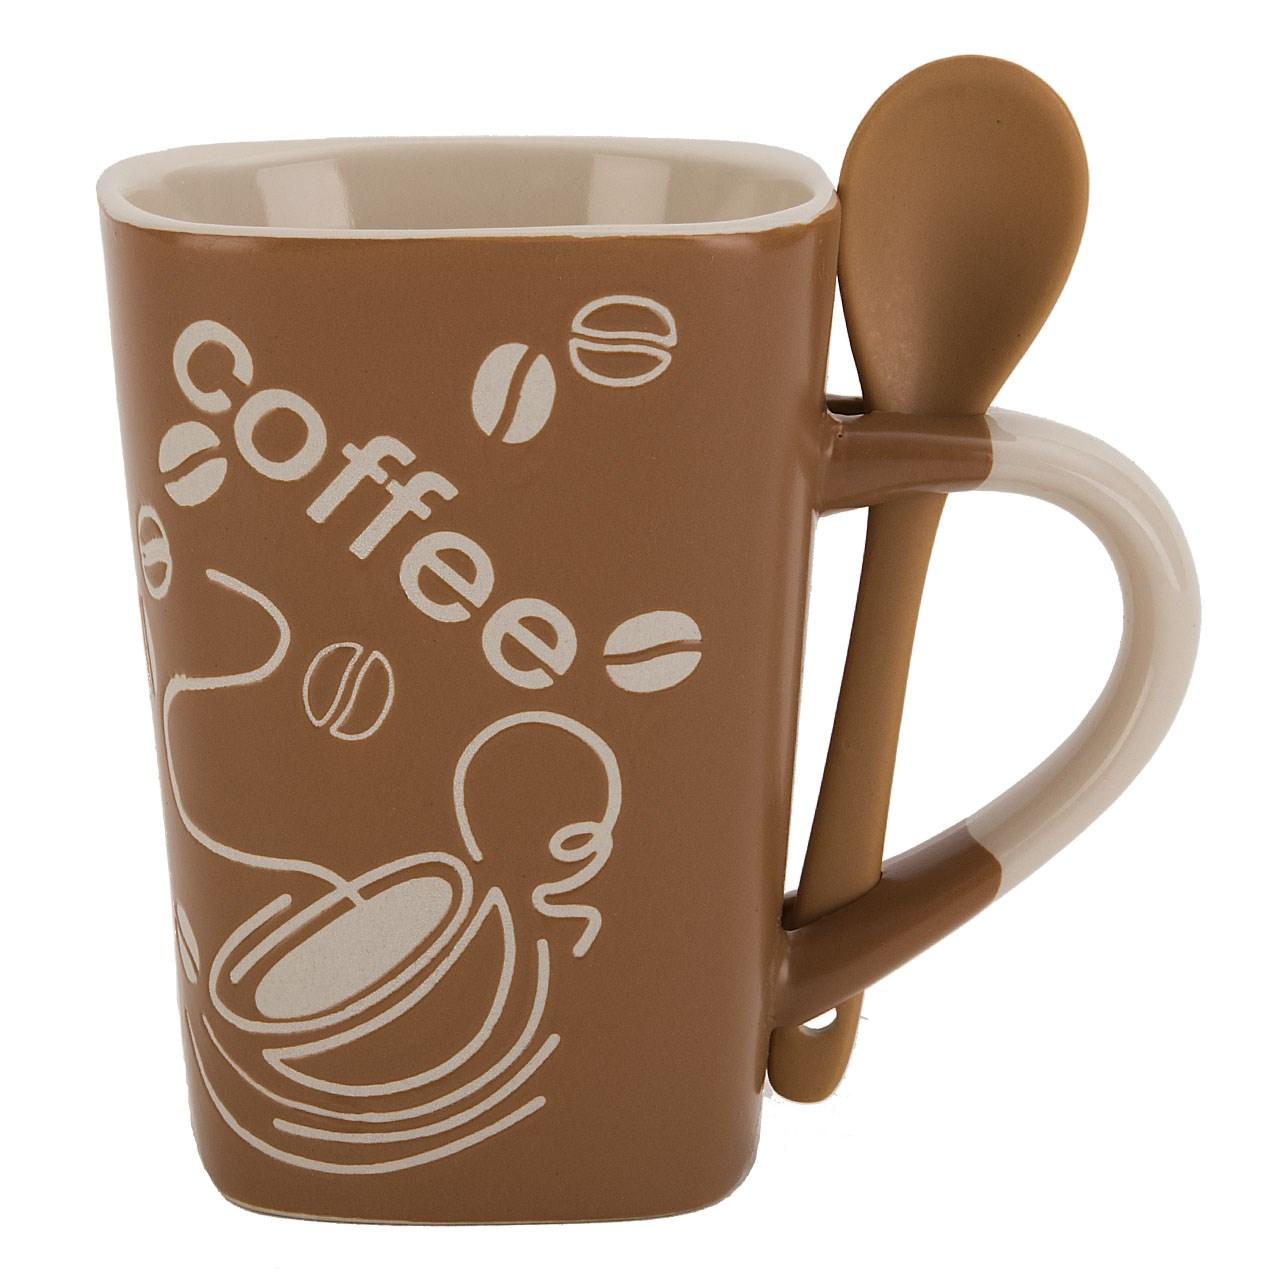 عکس لیوان قاشق دار راشا مدل Coffee 1